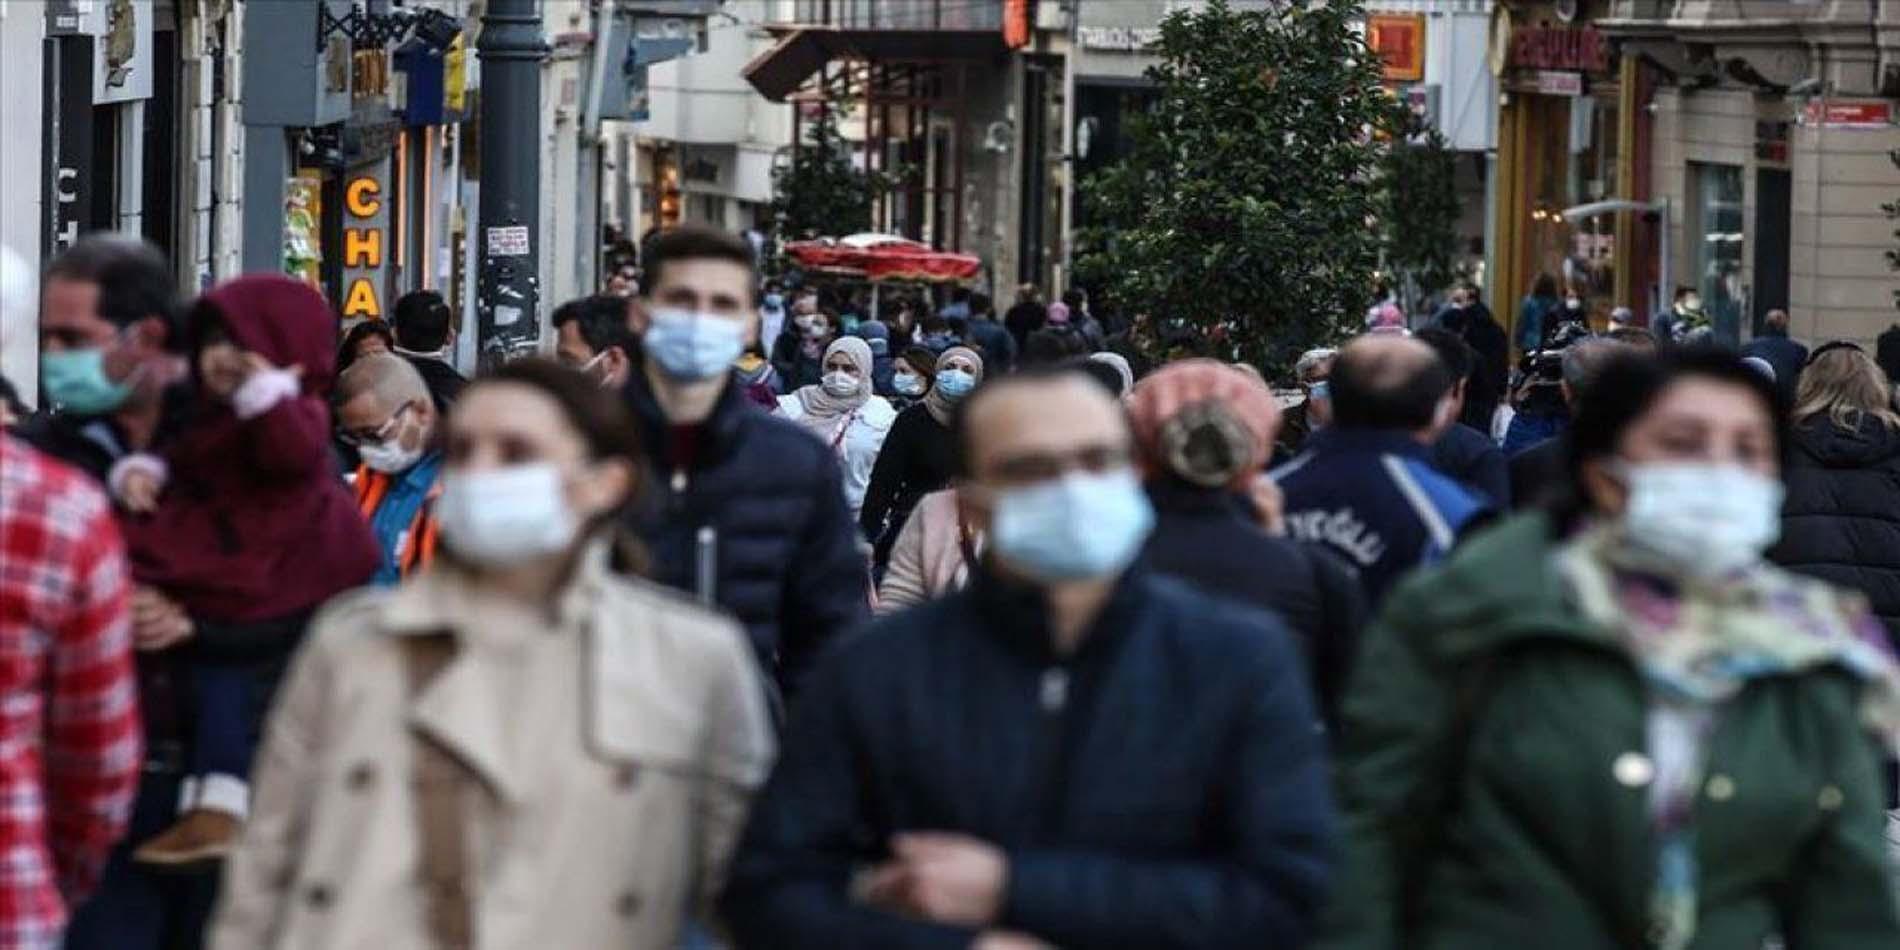 Gazeteci Deniz Zeyrek tek tek yazdı! 17 Mayıs'tan sonra normalleşme böyle gerçekleşecek: Yasaklar kademe kademe kalkacak